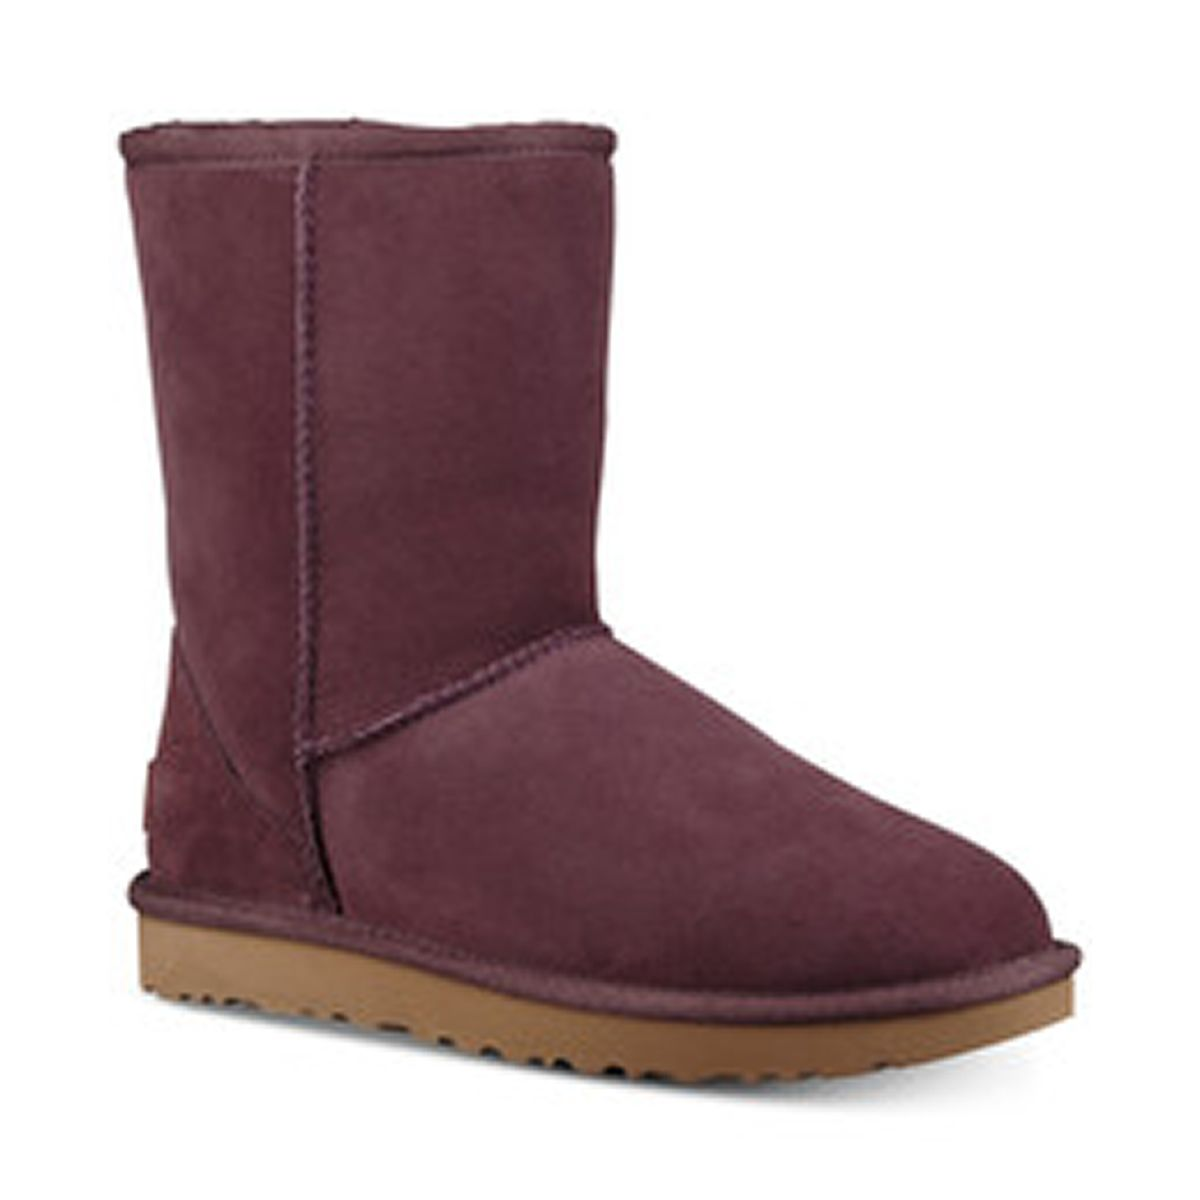 752bca321a9 UGG® Women s Boots - Macy s